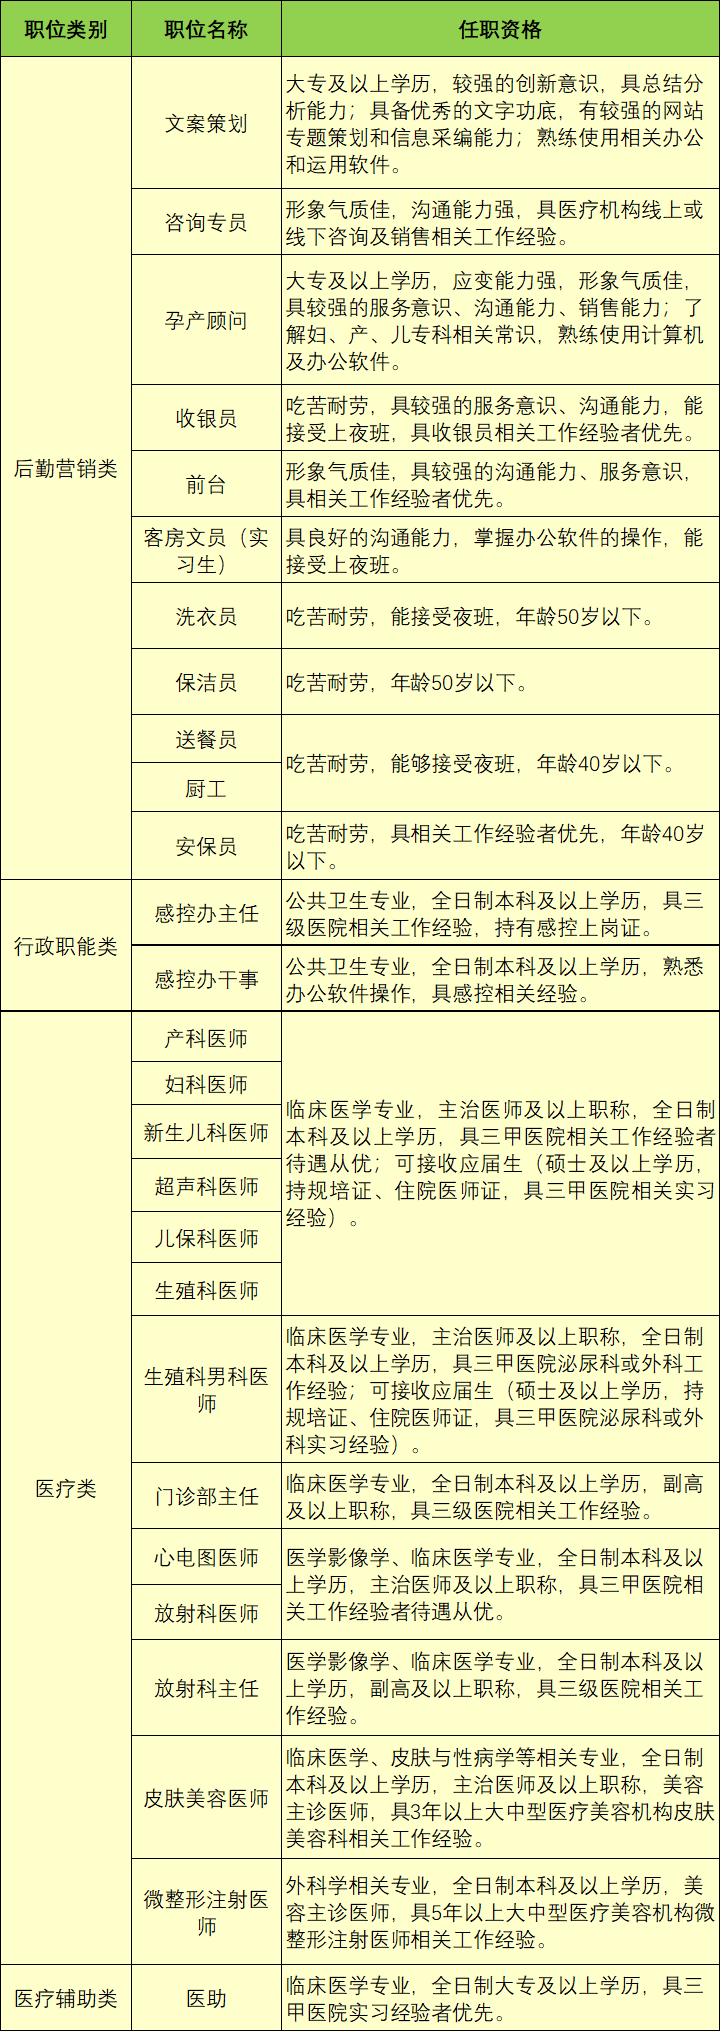 【招聘】昆明安琪儿妇产医院2021年招聘公告